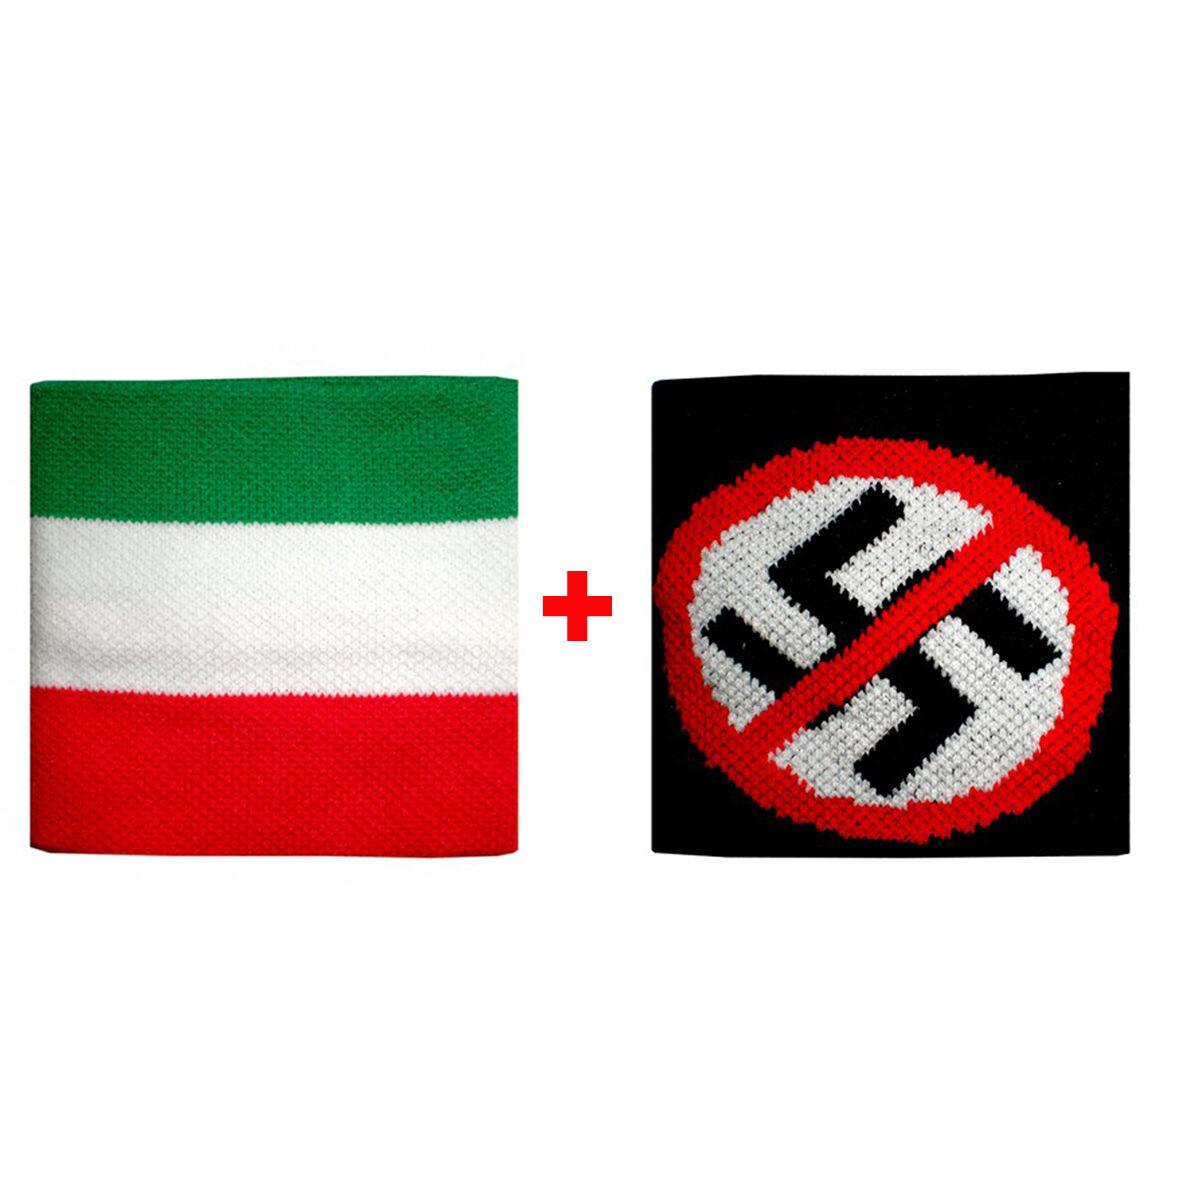 Coppia polsini Italia + in divieto  in + spugna gruppi rock e bandiere 8a7eaa